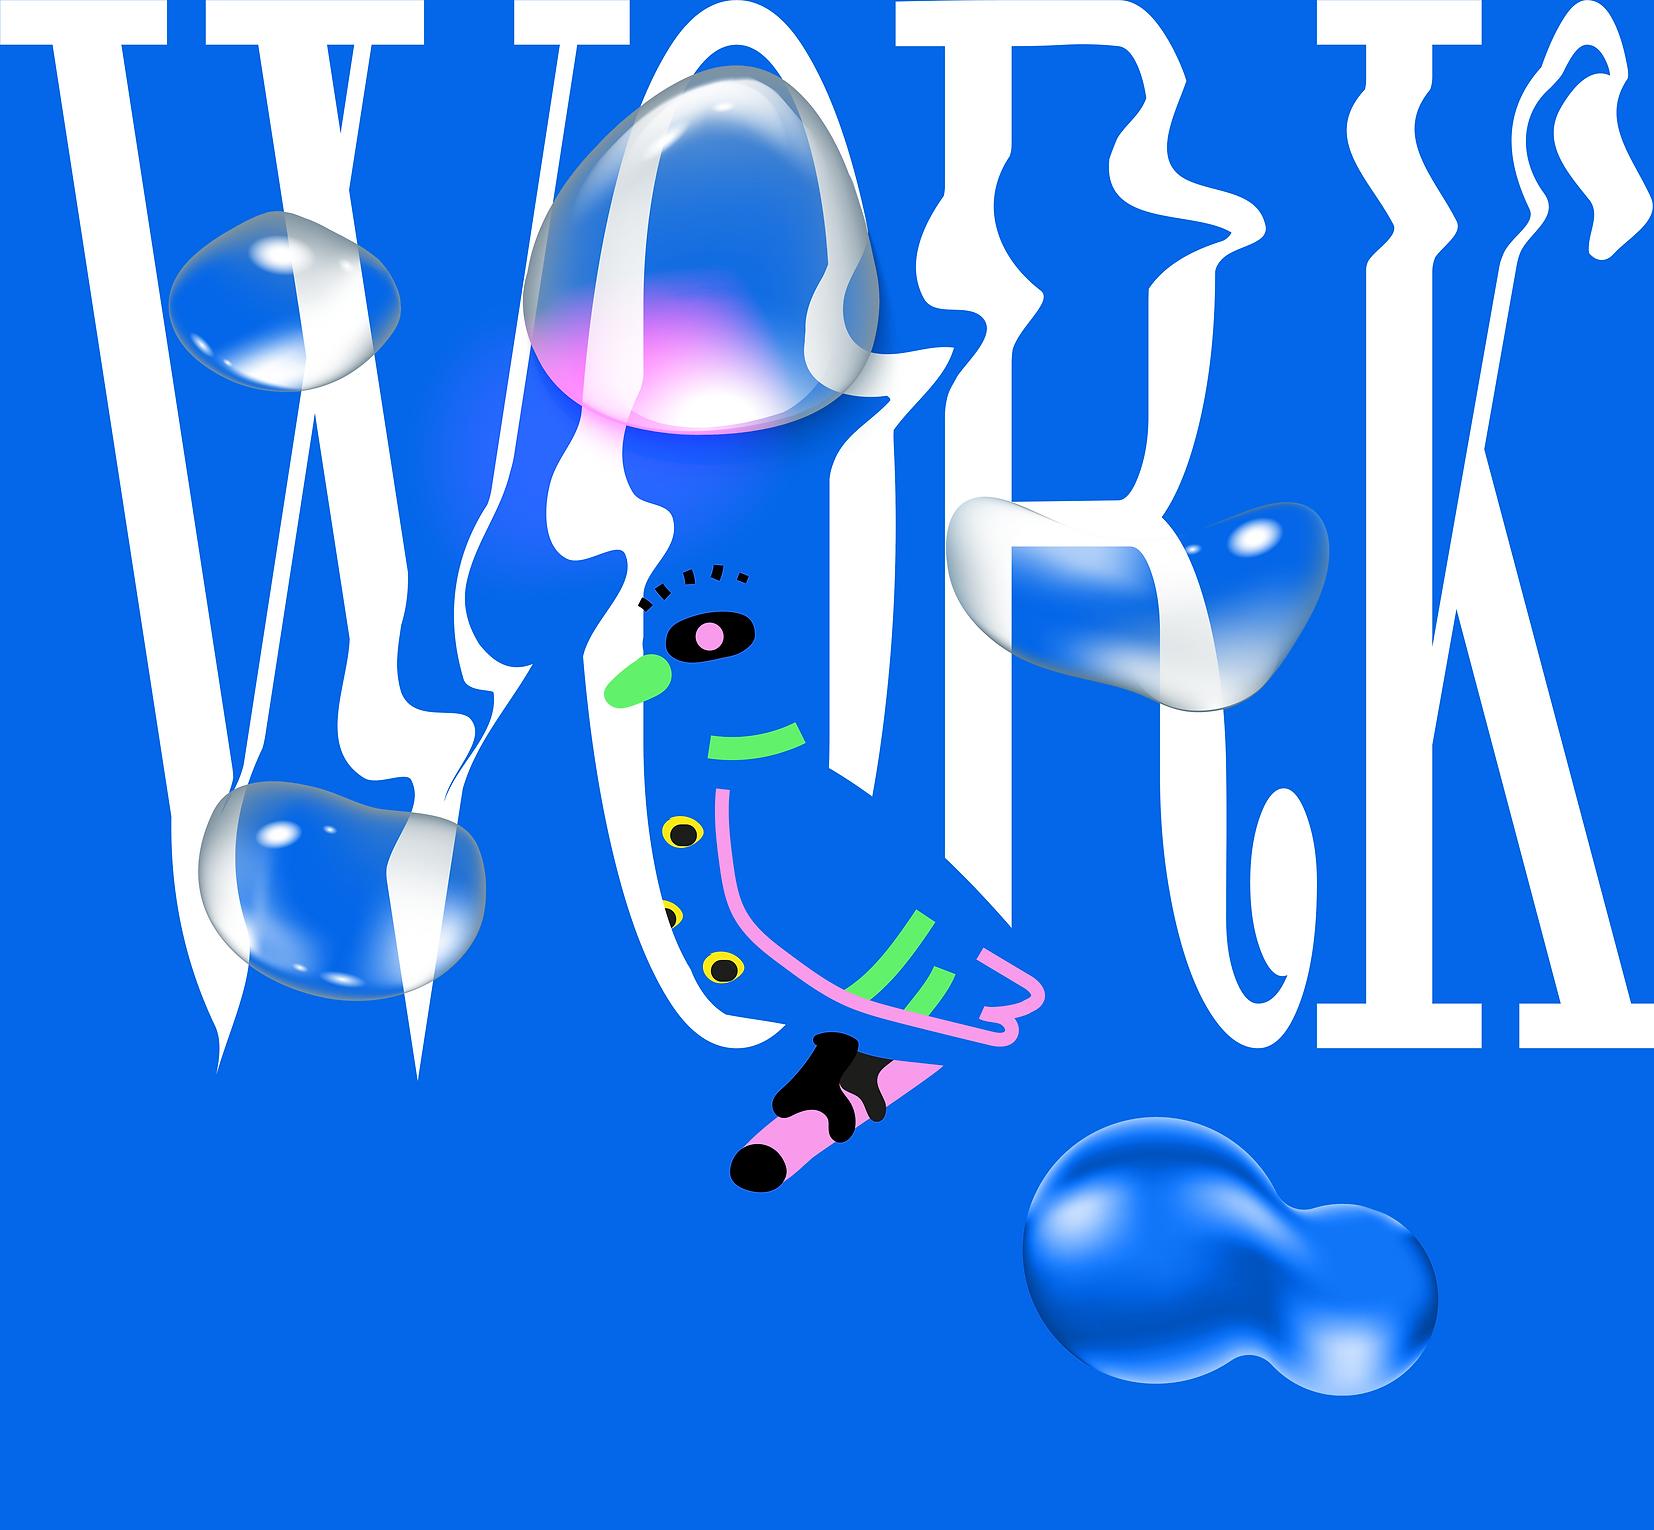 MAL_WEB_2021n-06.png